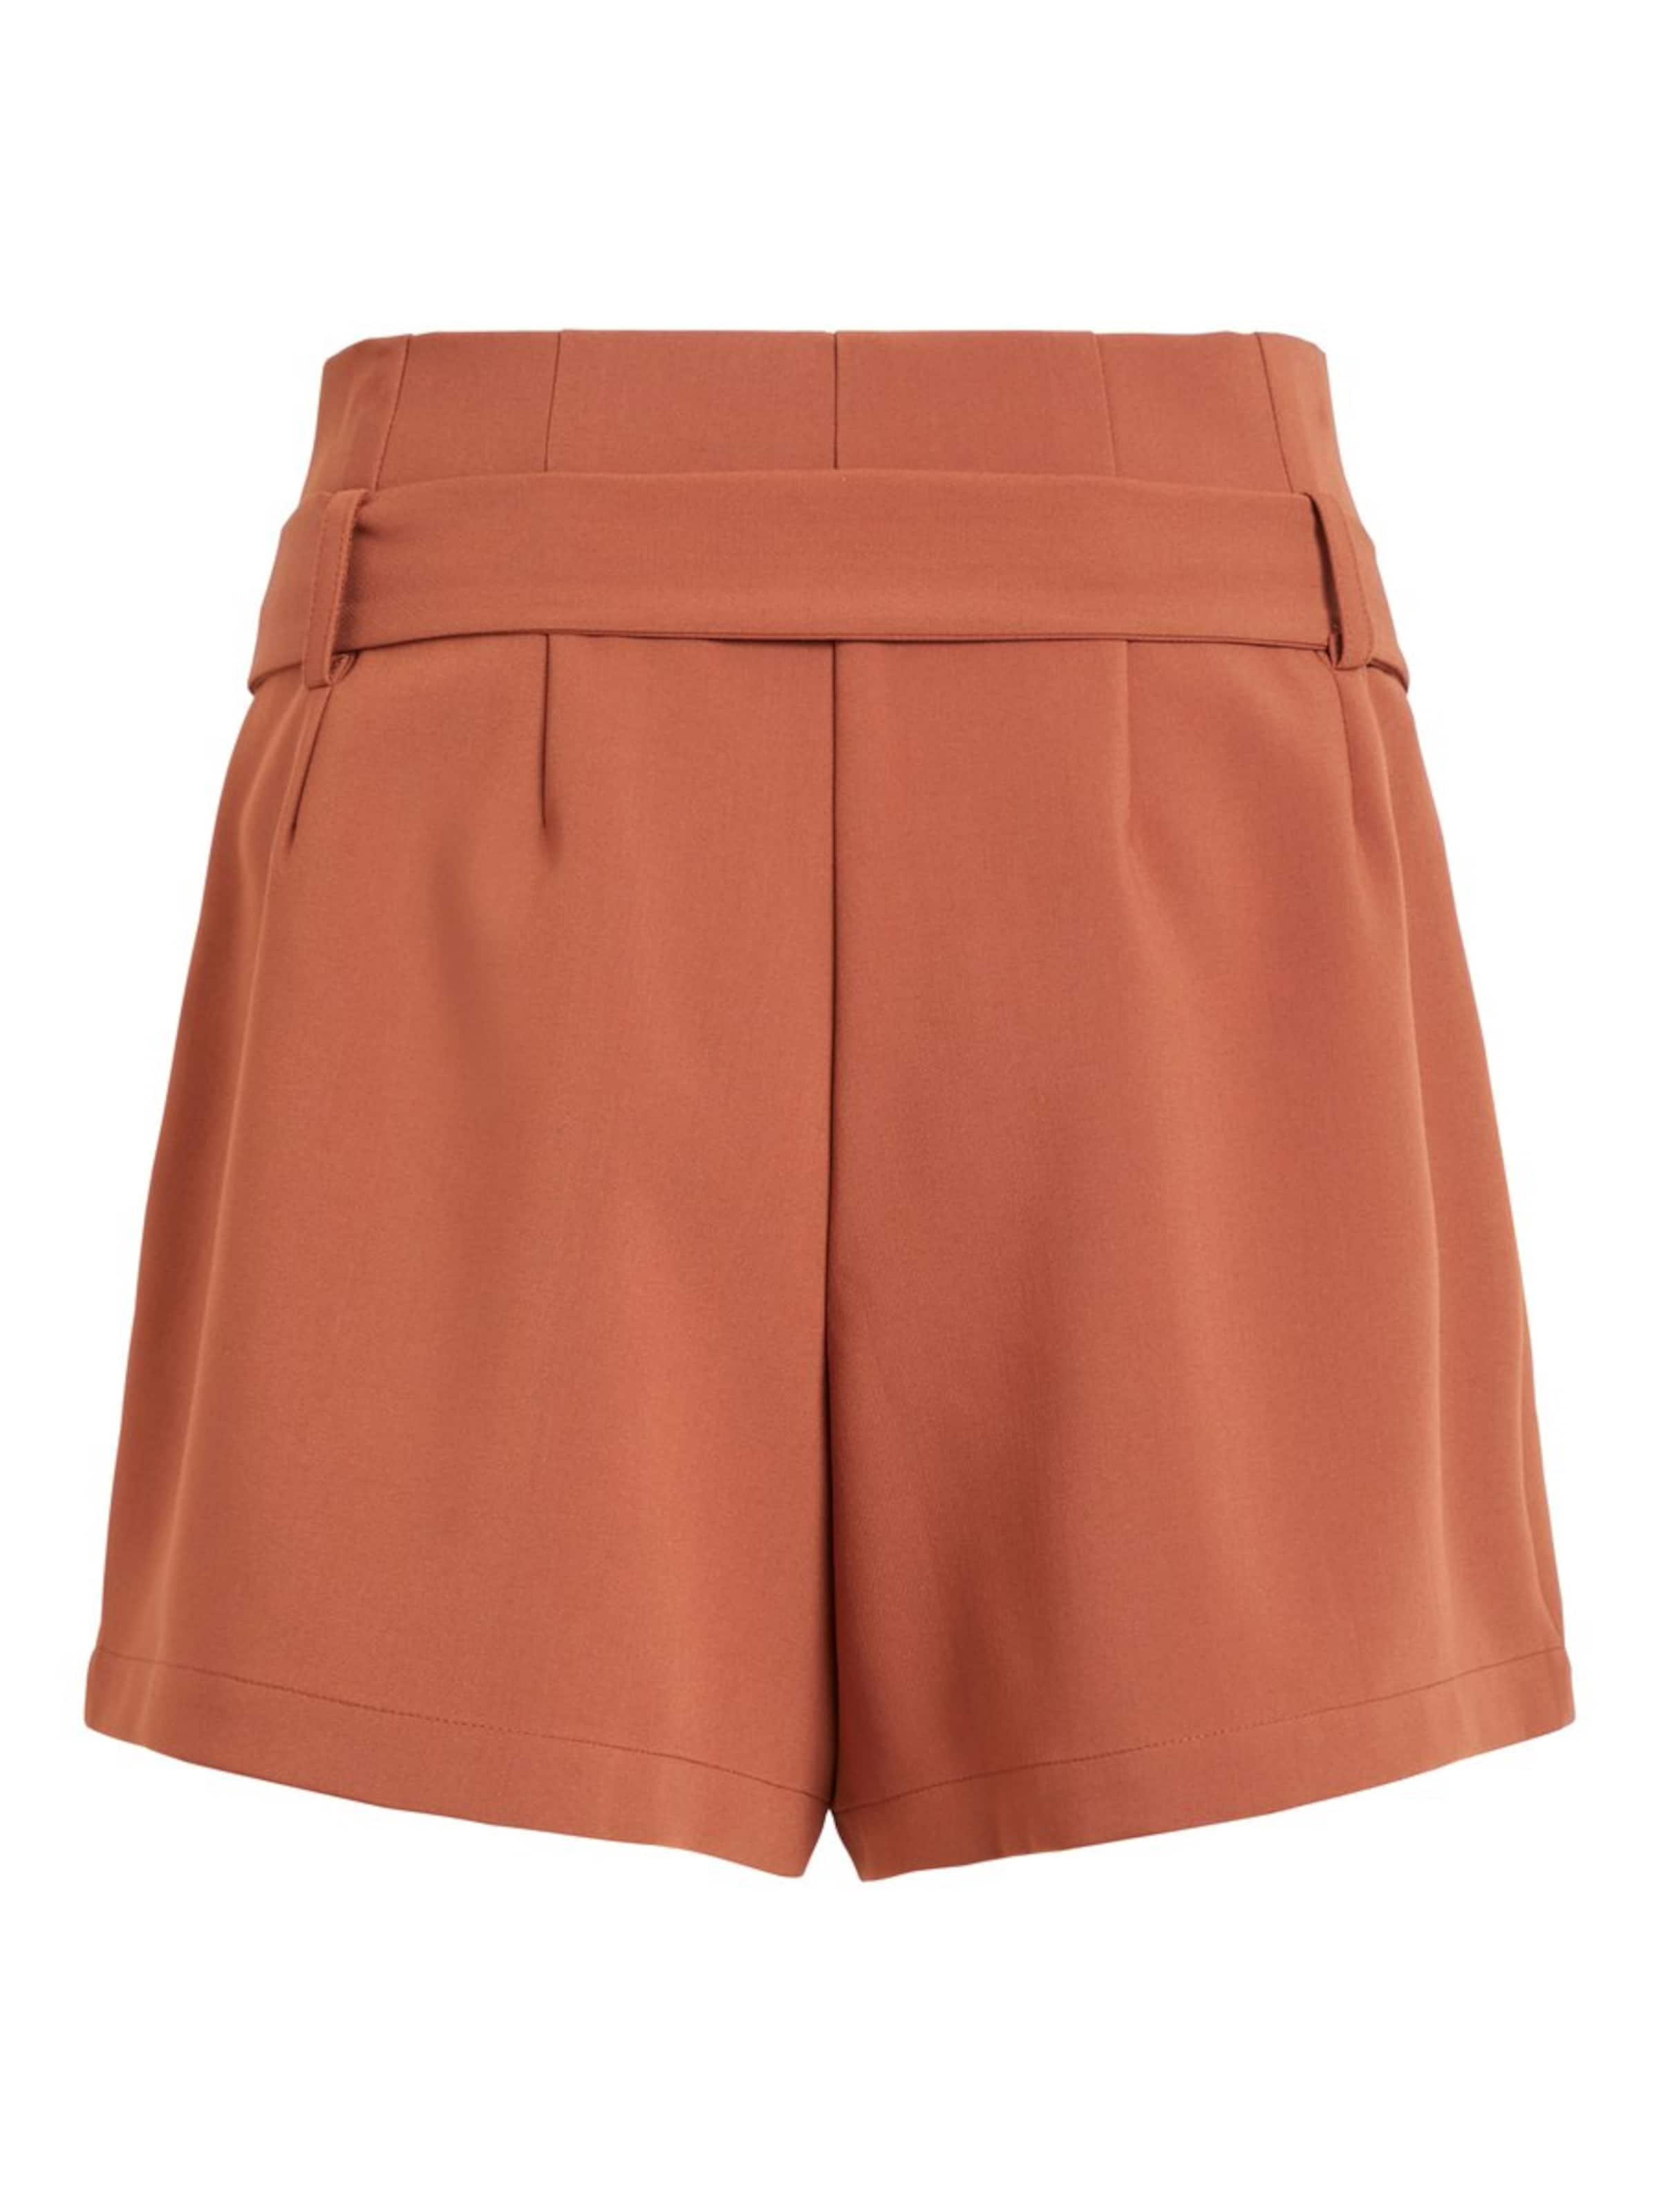 In Object Object Cognac Shorts Object Shorts In Shorts Cognac Cognac Object Shorts In iuPXOkZ